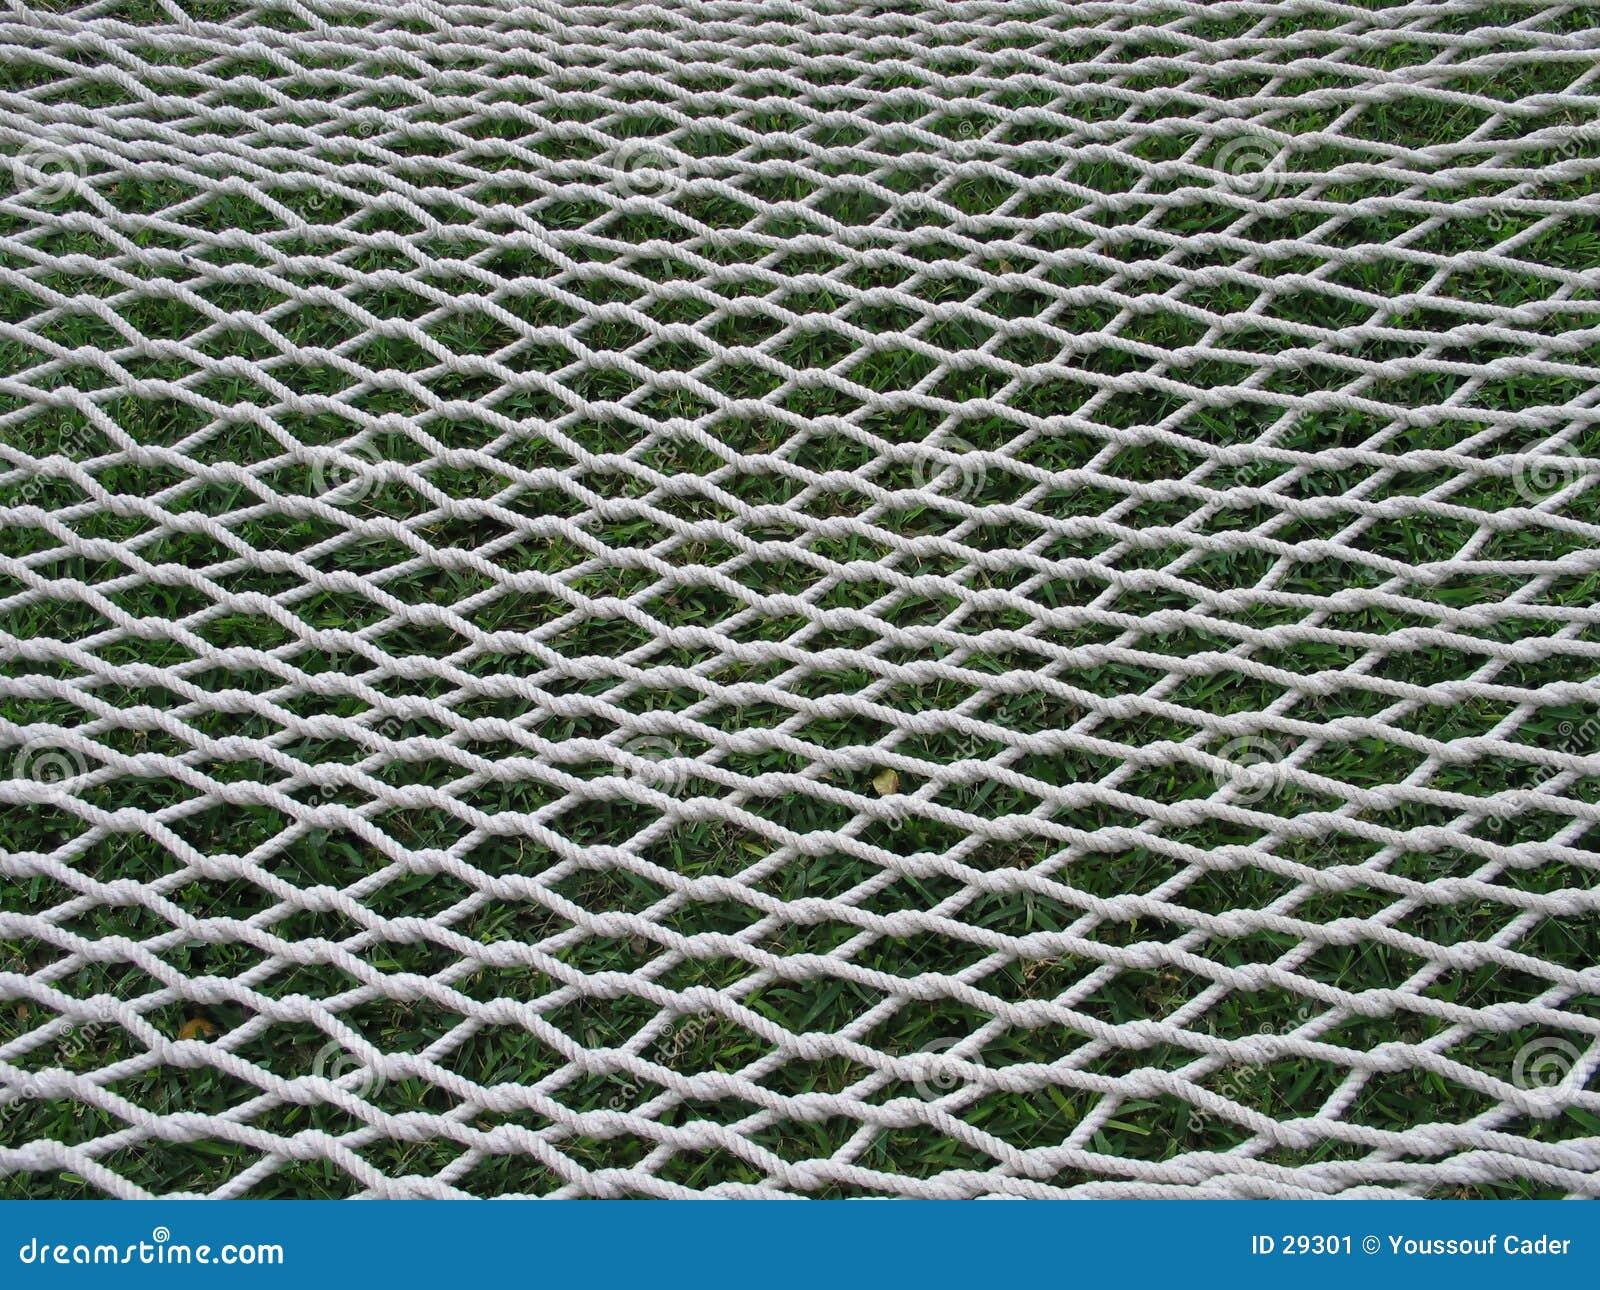 hammock products hammocks dd frontline nz net gearshop